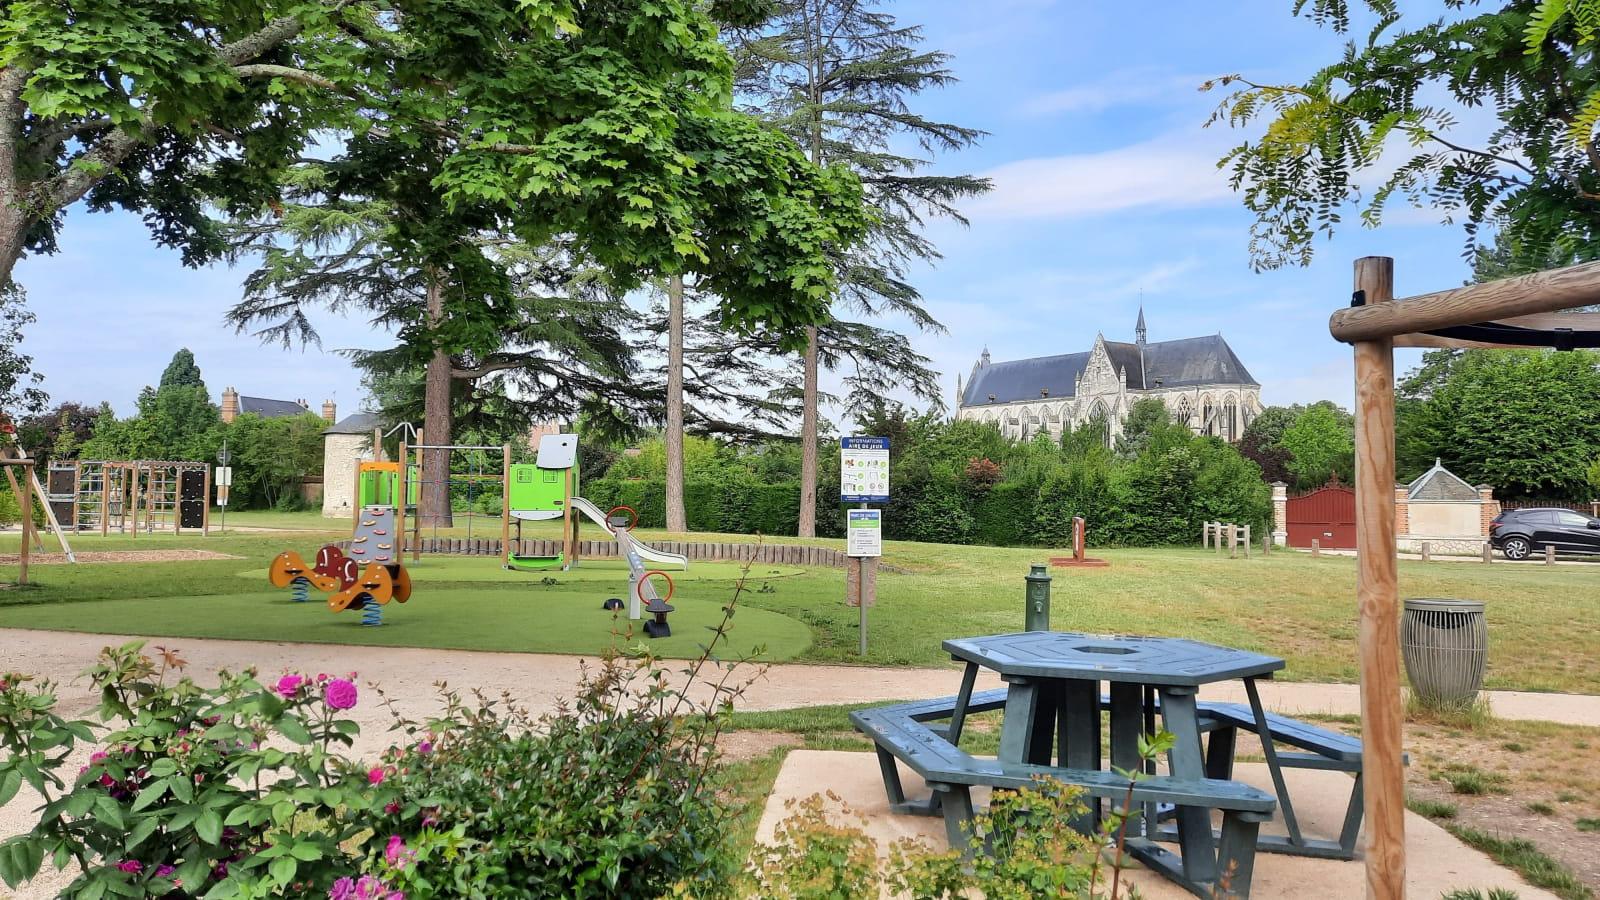 Aire de pique-nique à Cléry-Saint-André (Parc Charles de Gaulle)